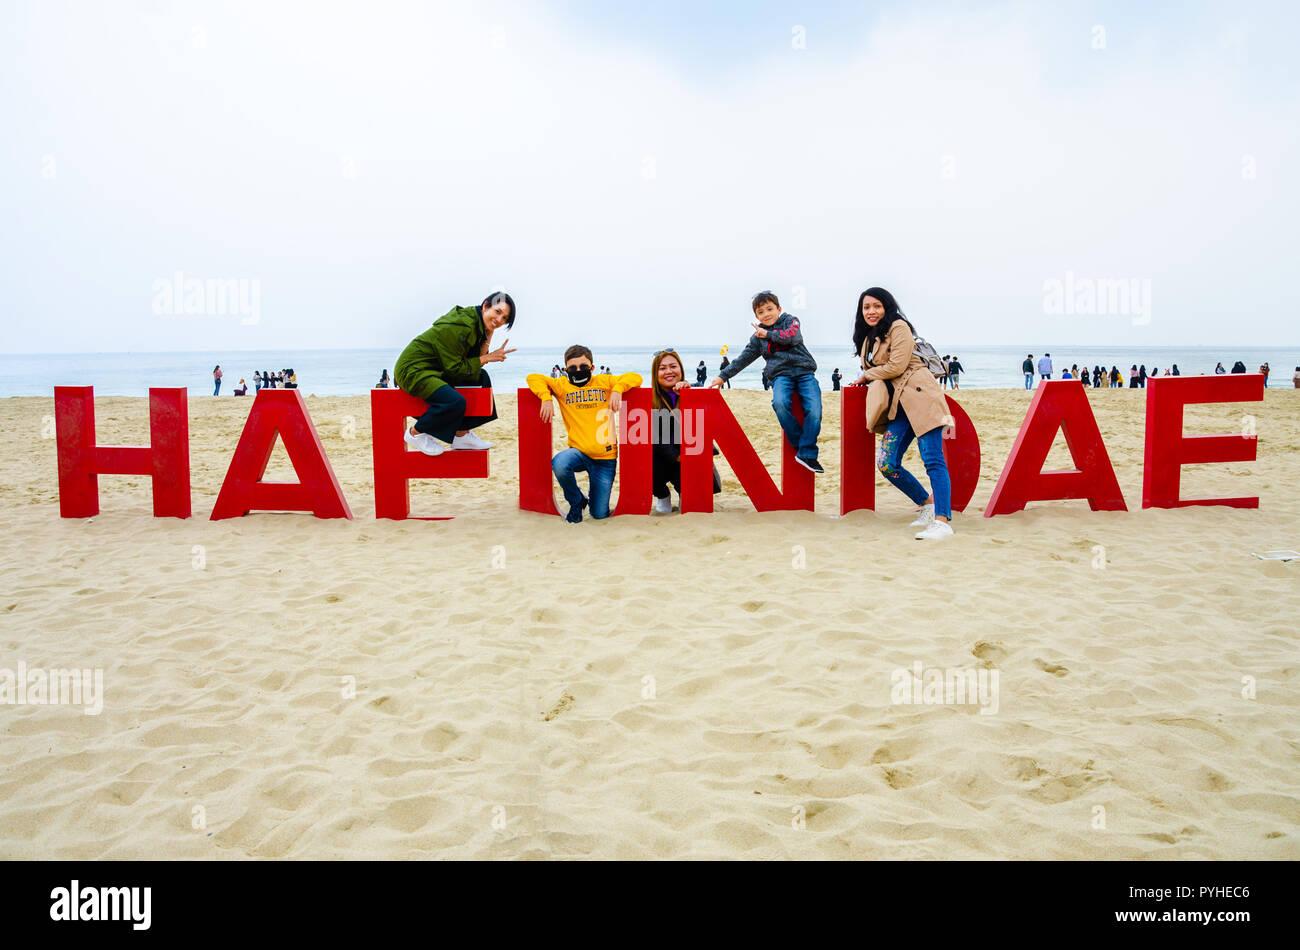 haeundae-beach-a-sandy-beach-popular-with-tourists-at-busan-in-south-korea-PYHEC6.jpg